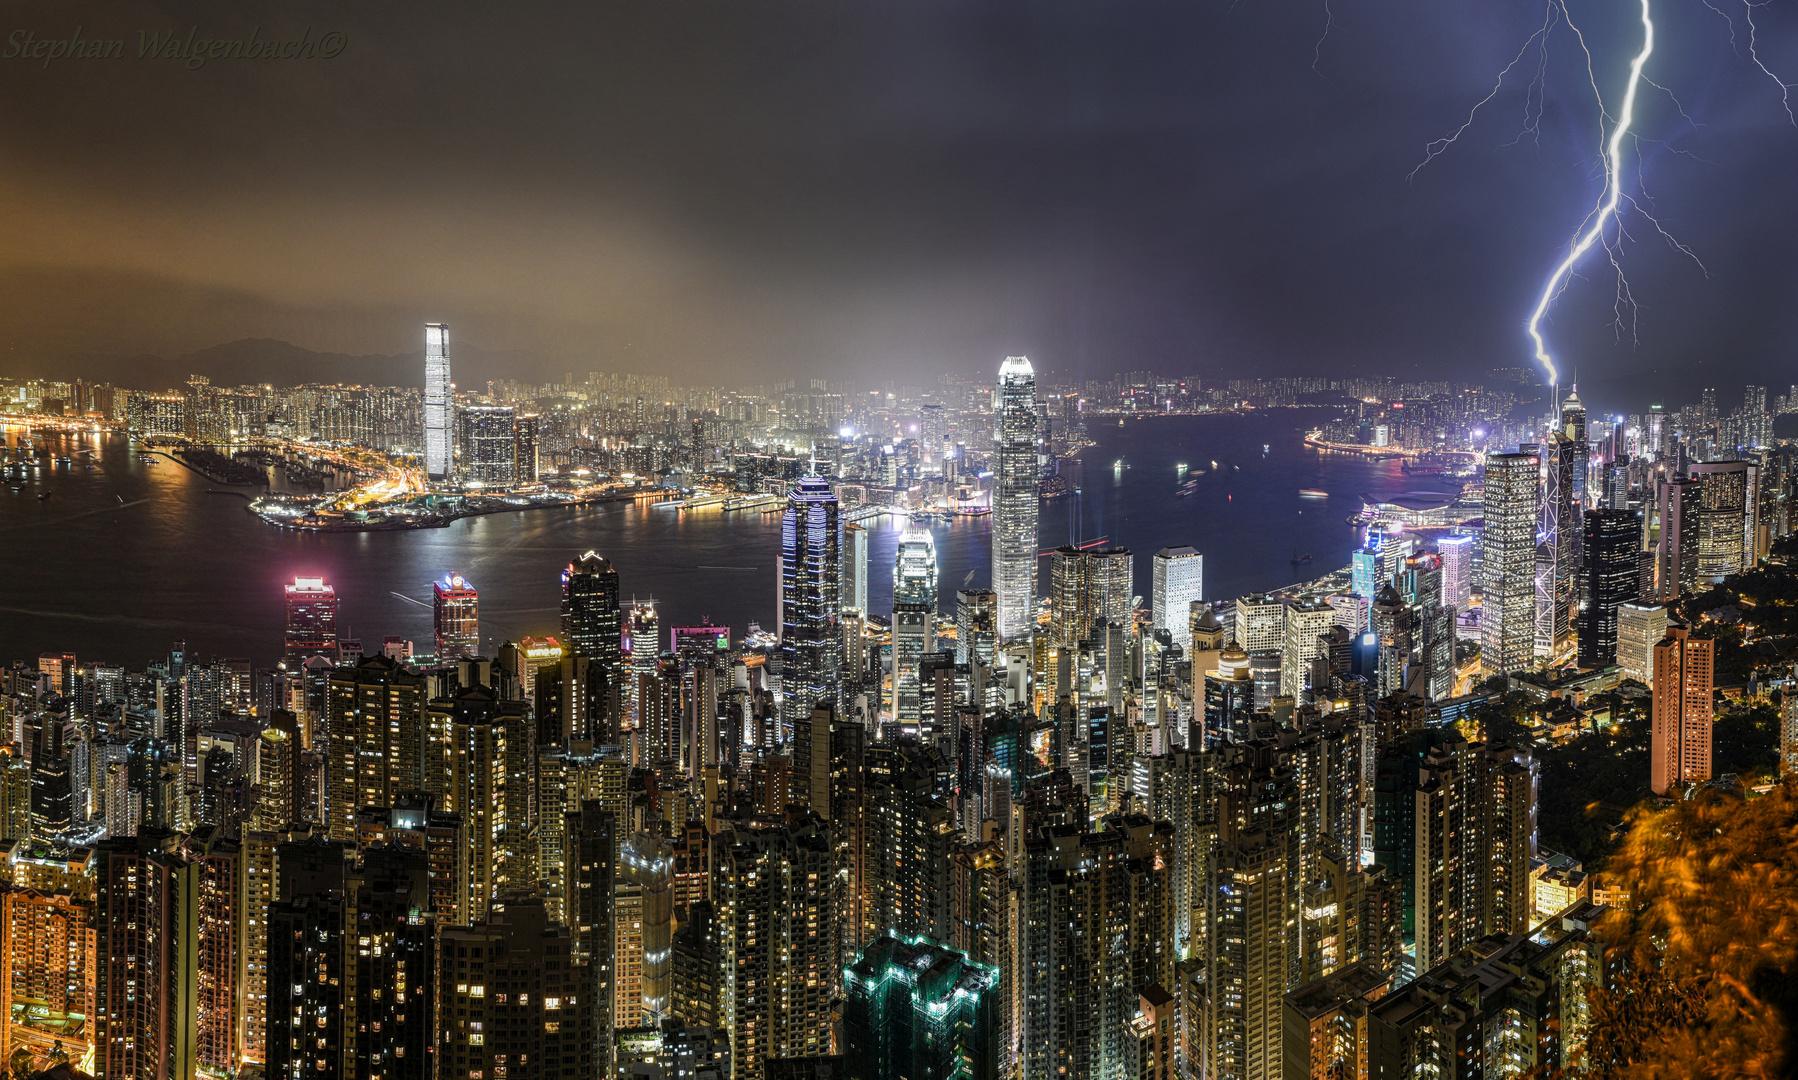 Hongkong und ein Blitzeinschlag in die Bank of China